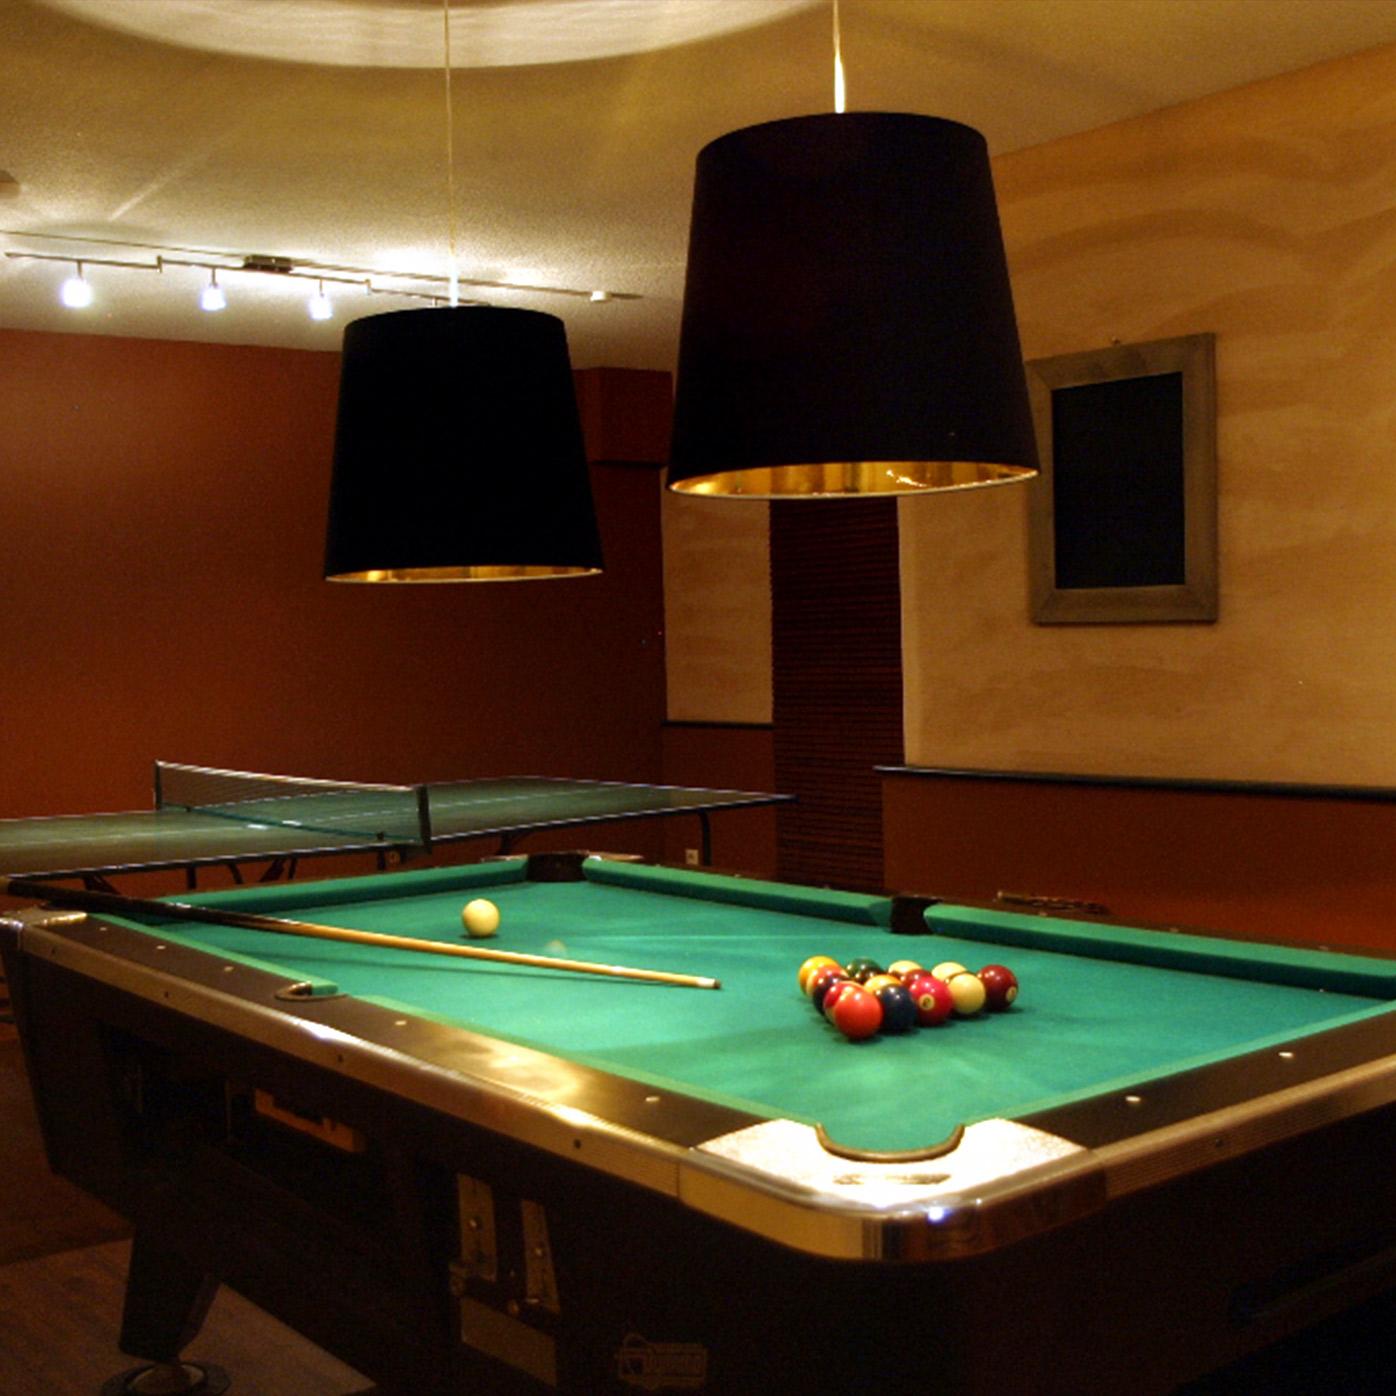 In unserem Aktiv-Bereich finden Sie unter anderem einen Billardtisch und eine Tischtennisplatte.